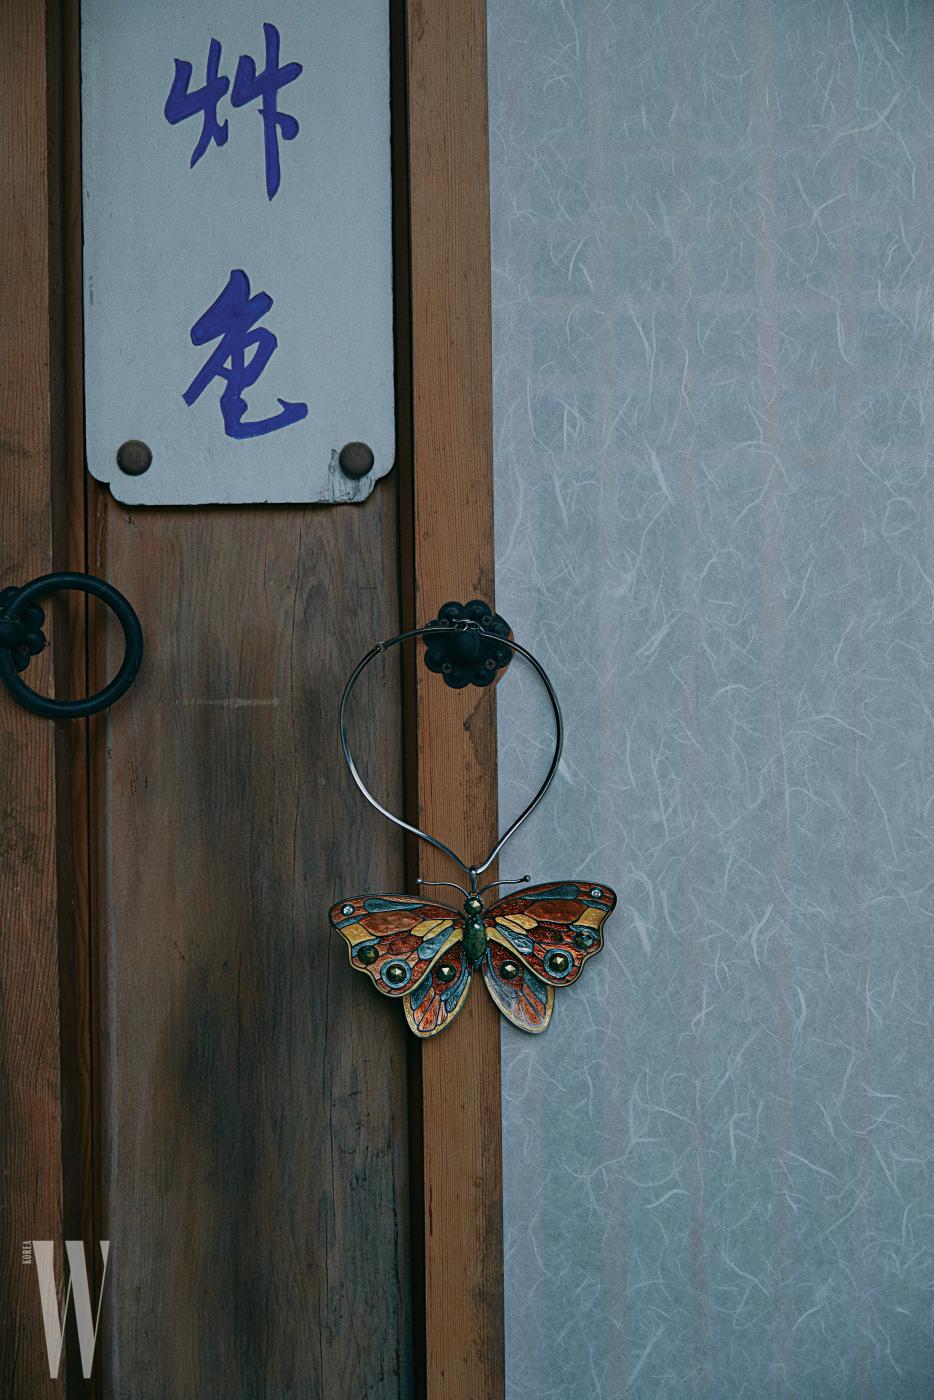 자개 조각을 맞춰 완성한 나비 목걸이는 보테가 베네타 제품.